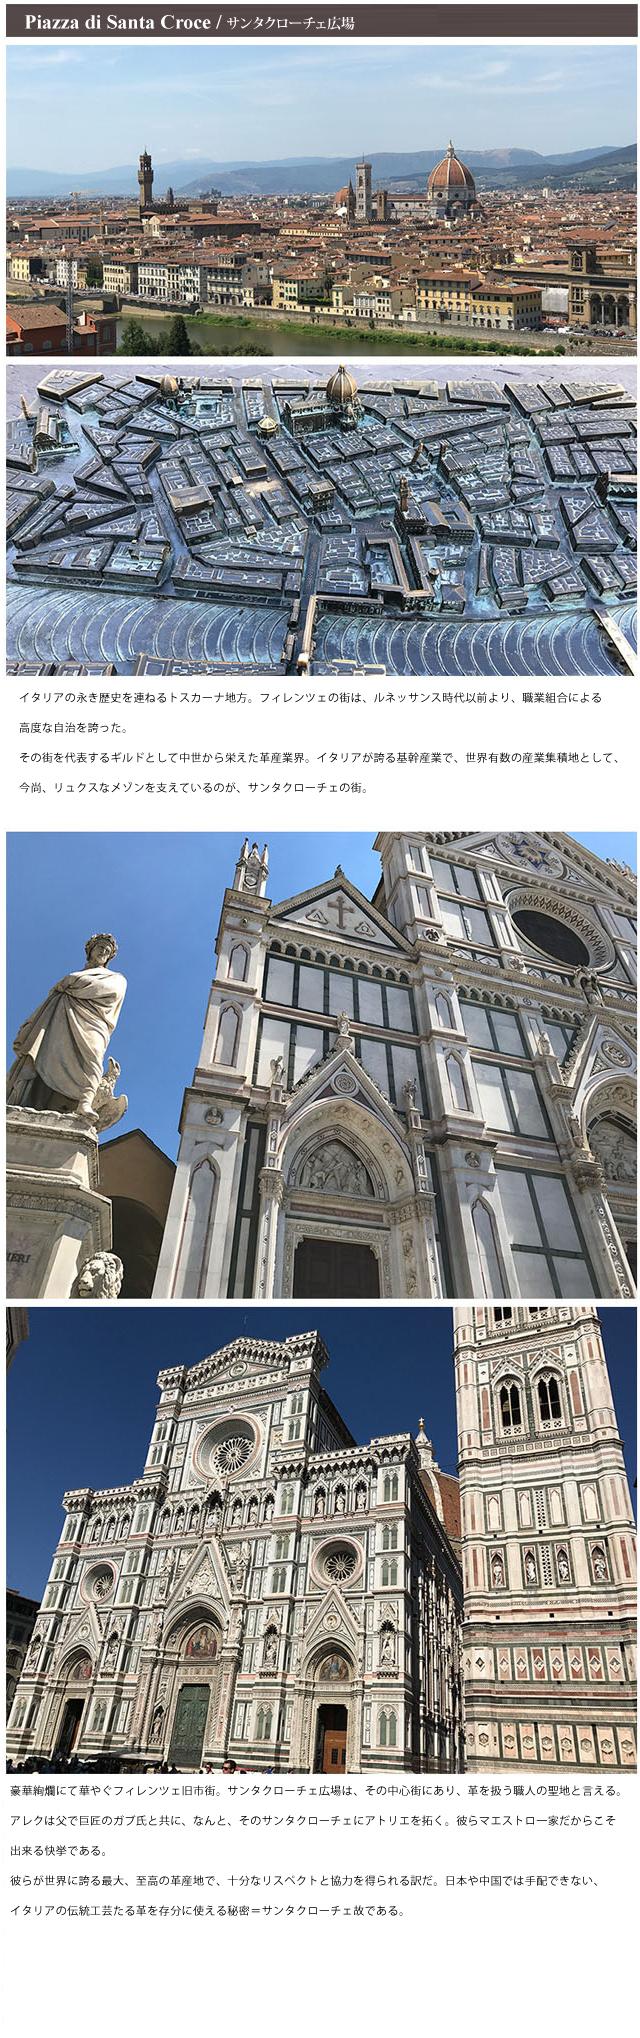 about_santa_croce.jpg